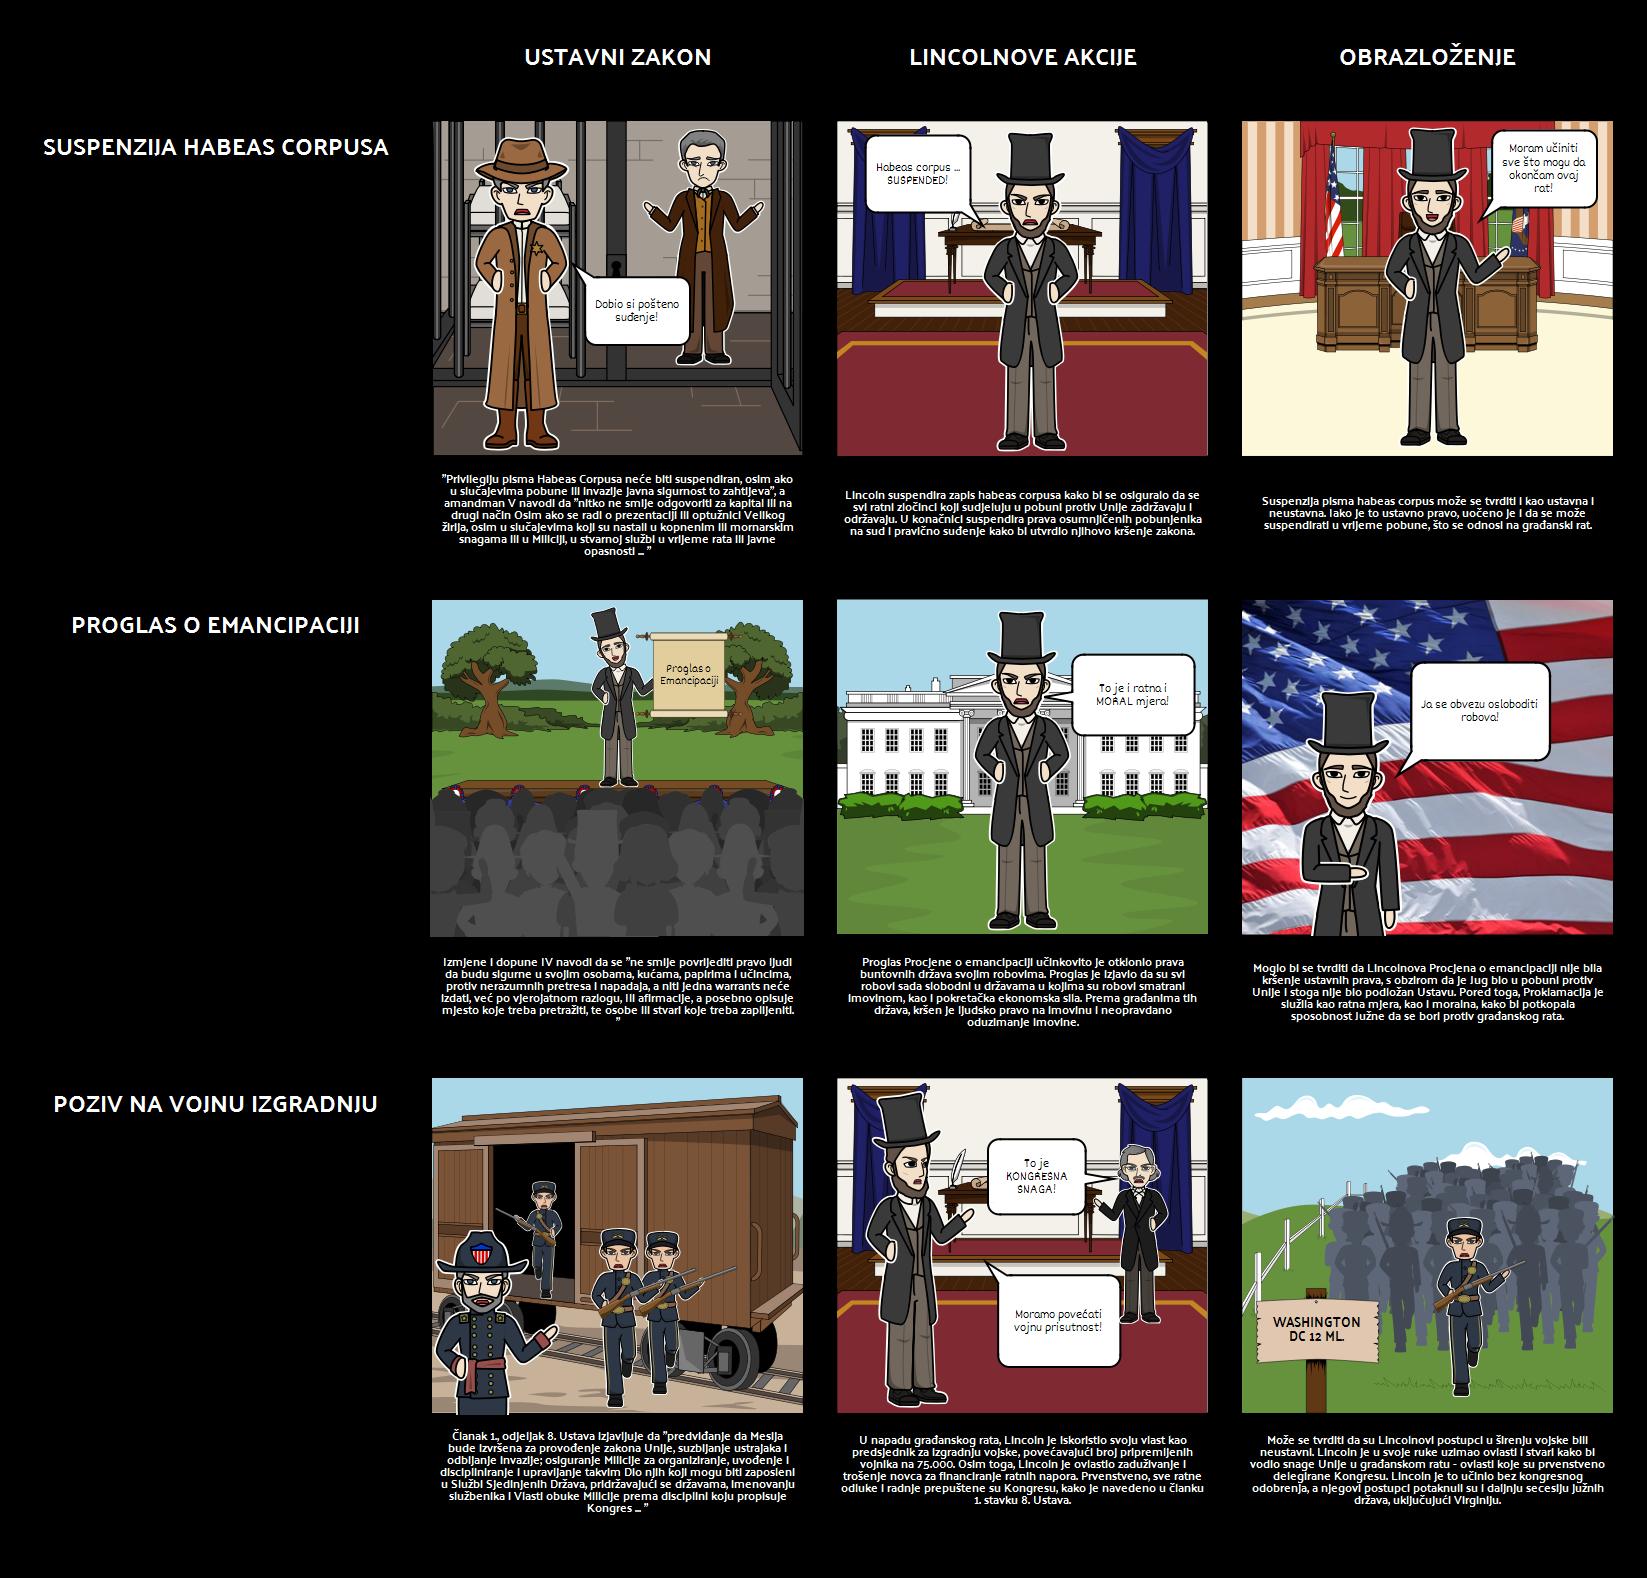 Lincolnovo Širenje Ovlasti i Njegova Ustavnost